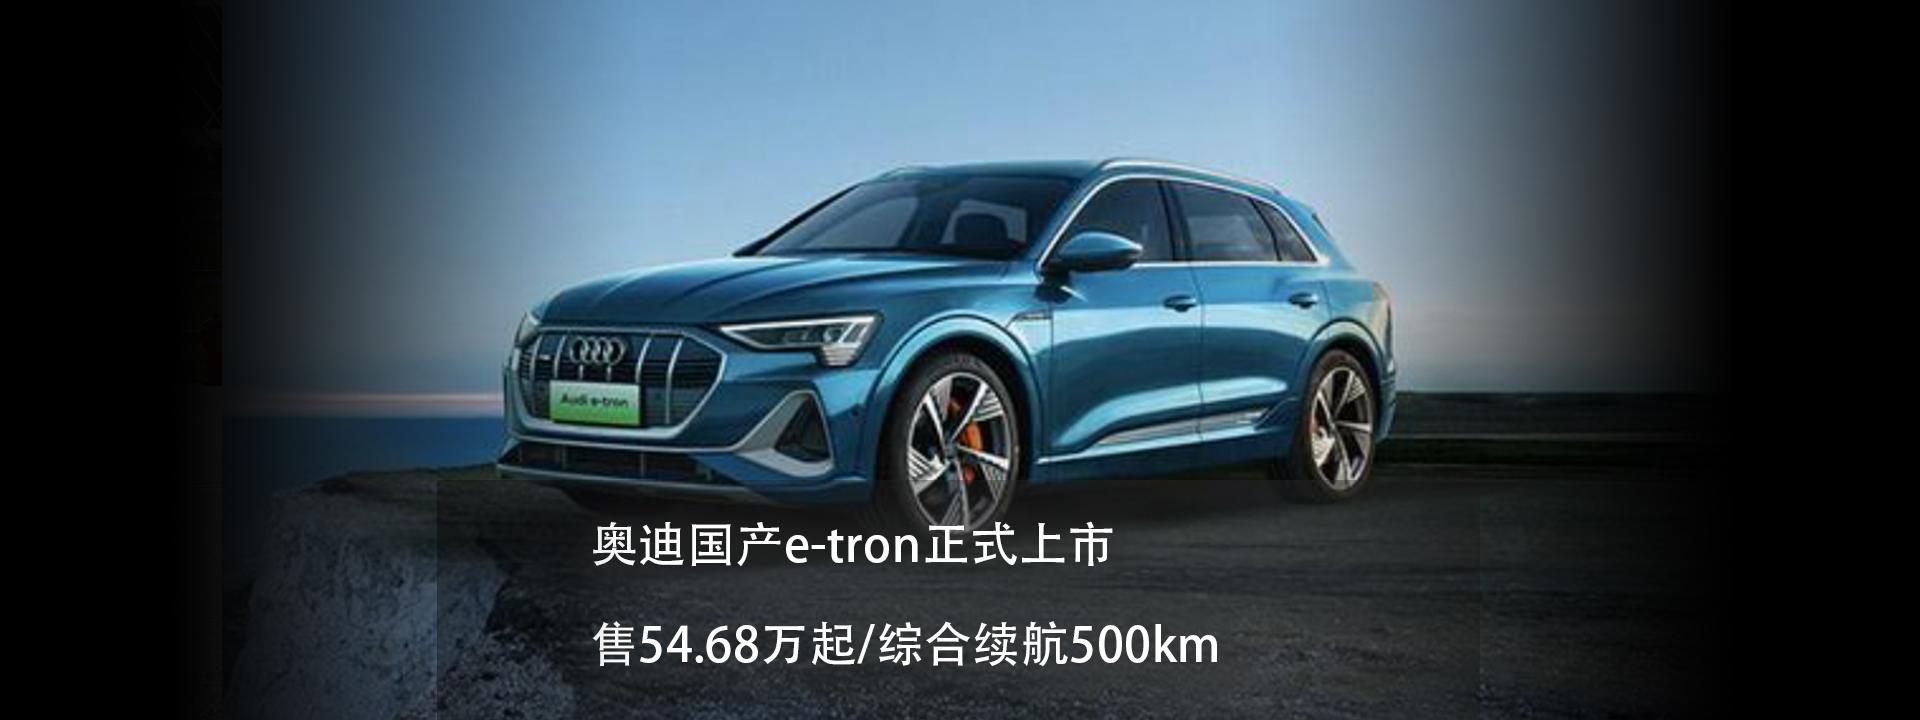 奥迪国产e-tron正式上市 售54.68万起/综合续航500km